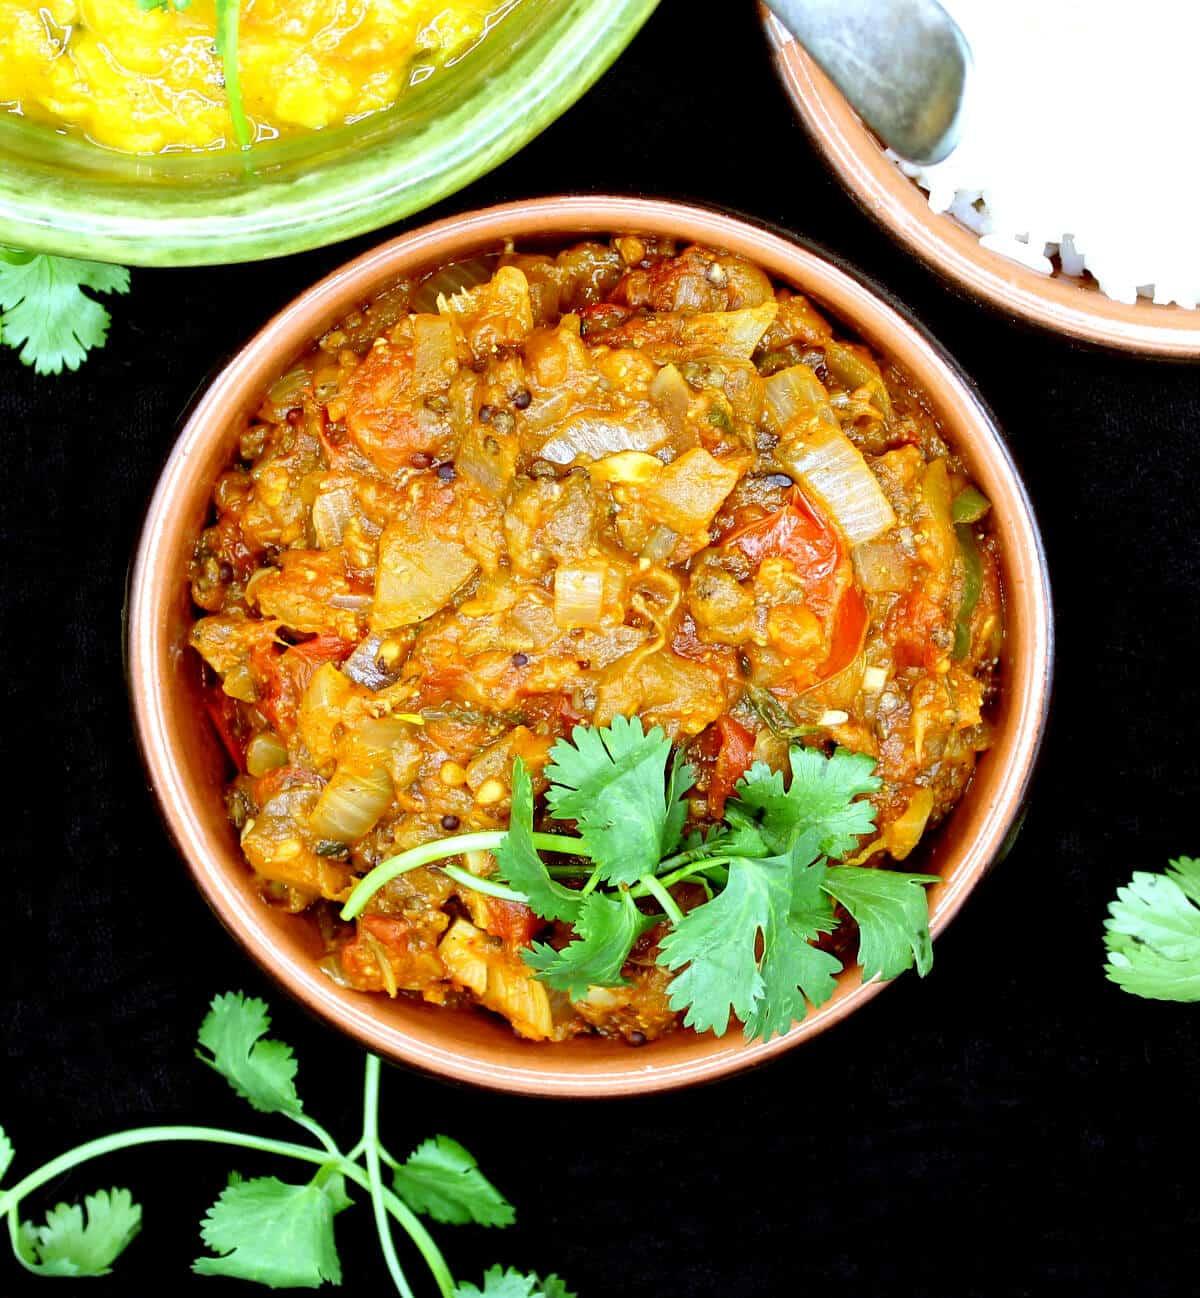 Um prato de barro de baingan bharta com coentro servido com arroz e dal.